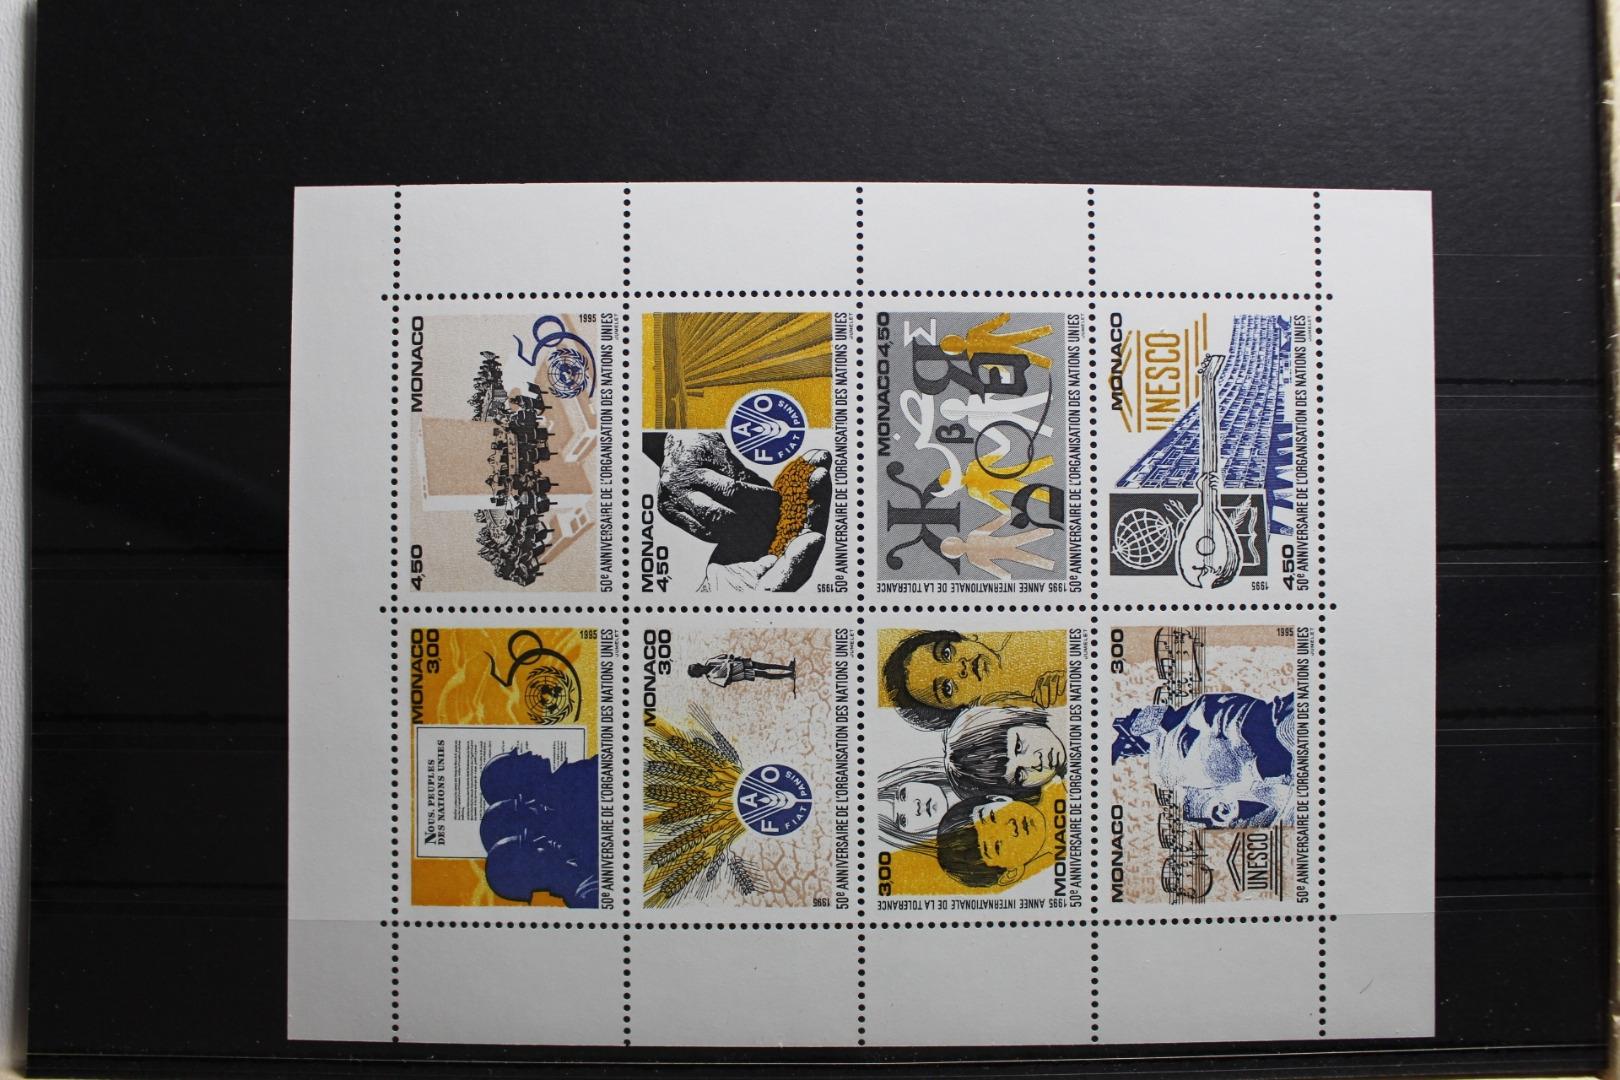 == Österreich == 2006 Kleinbogen Tag Der Briefmarke Postfrisch== 2019 Official Briefmarken Österreich Ab 1945